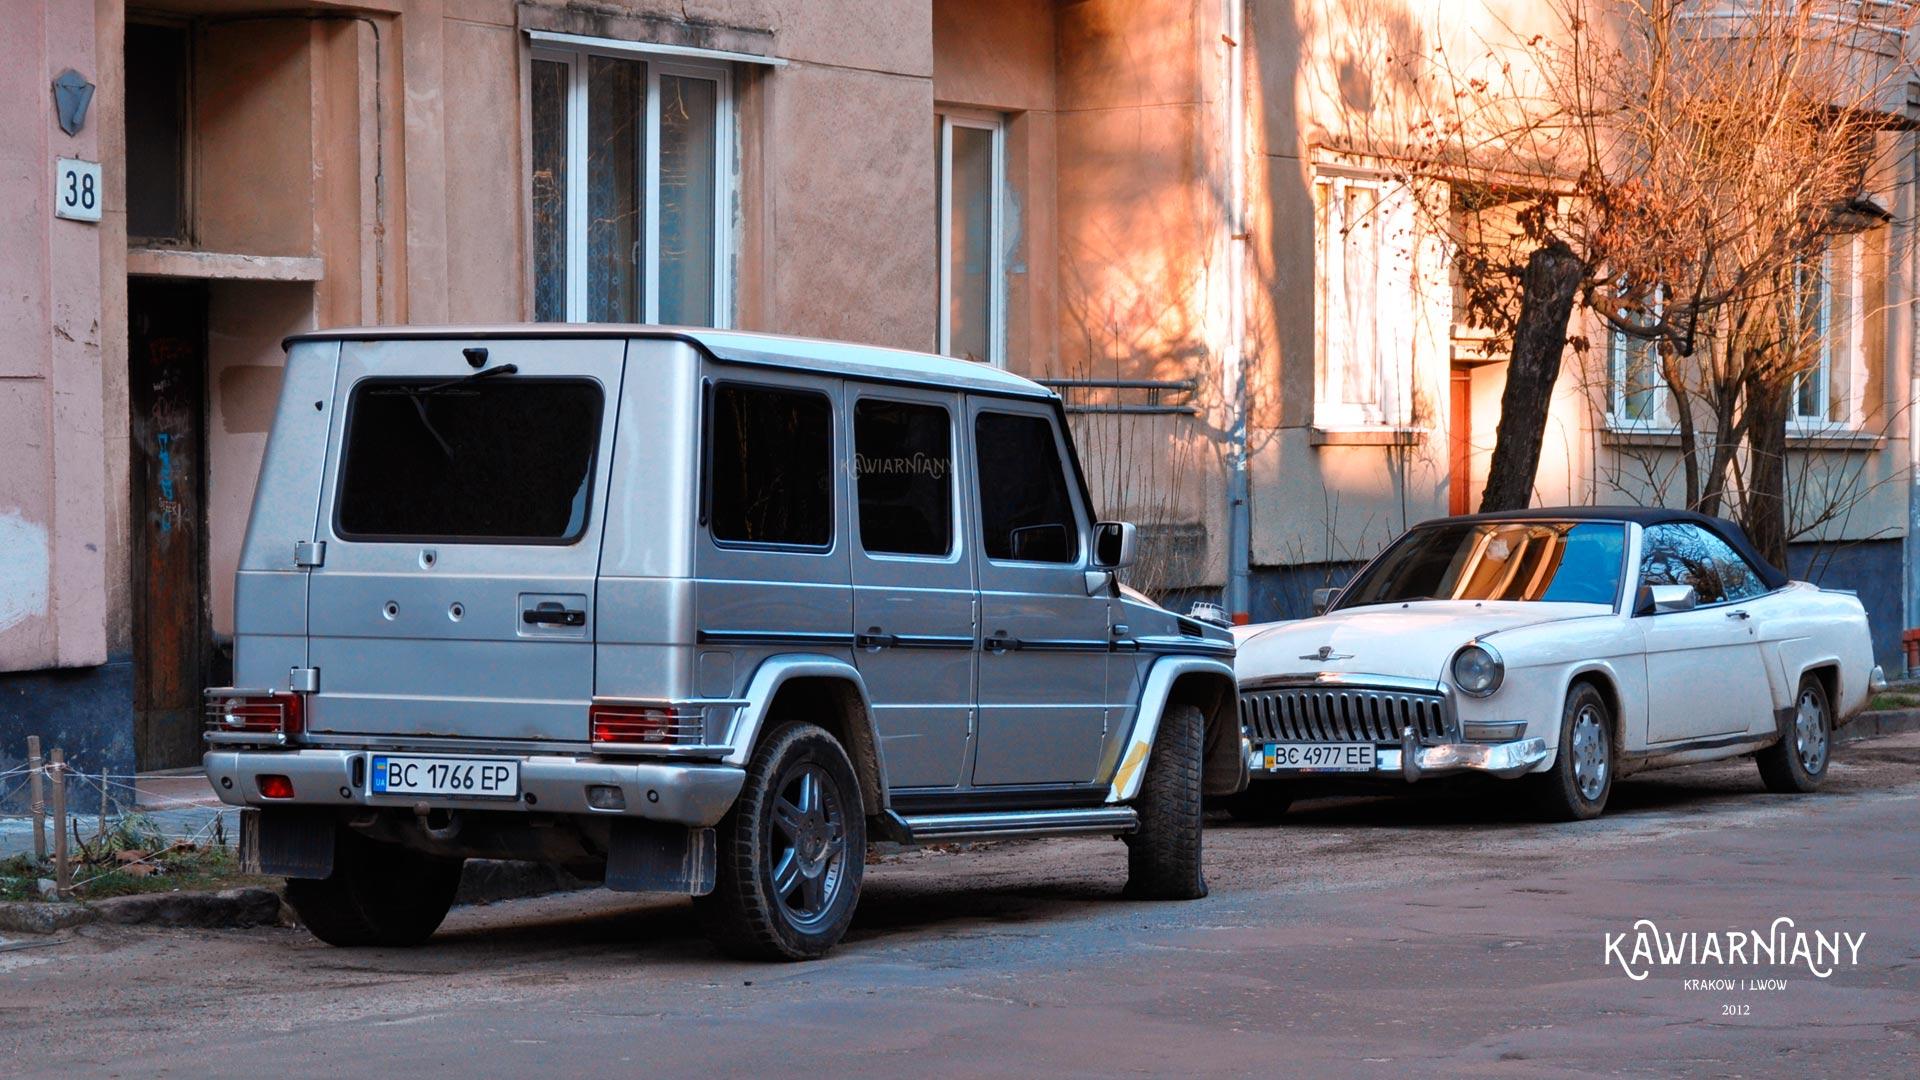 Najpopularniejsze auta początku 2020 roku na Ukrainie